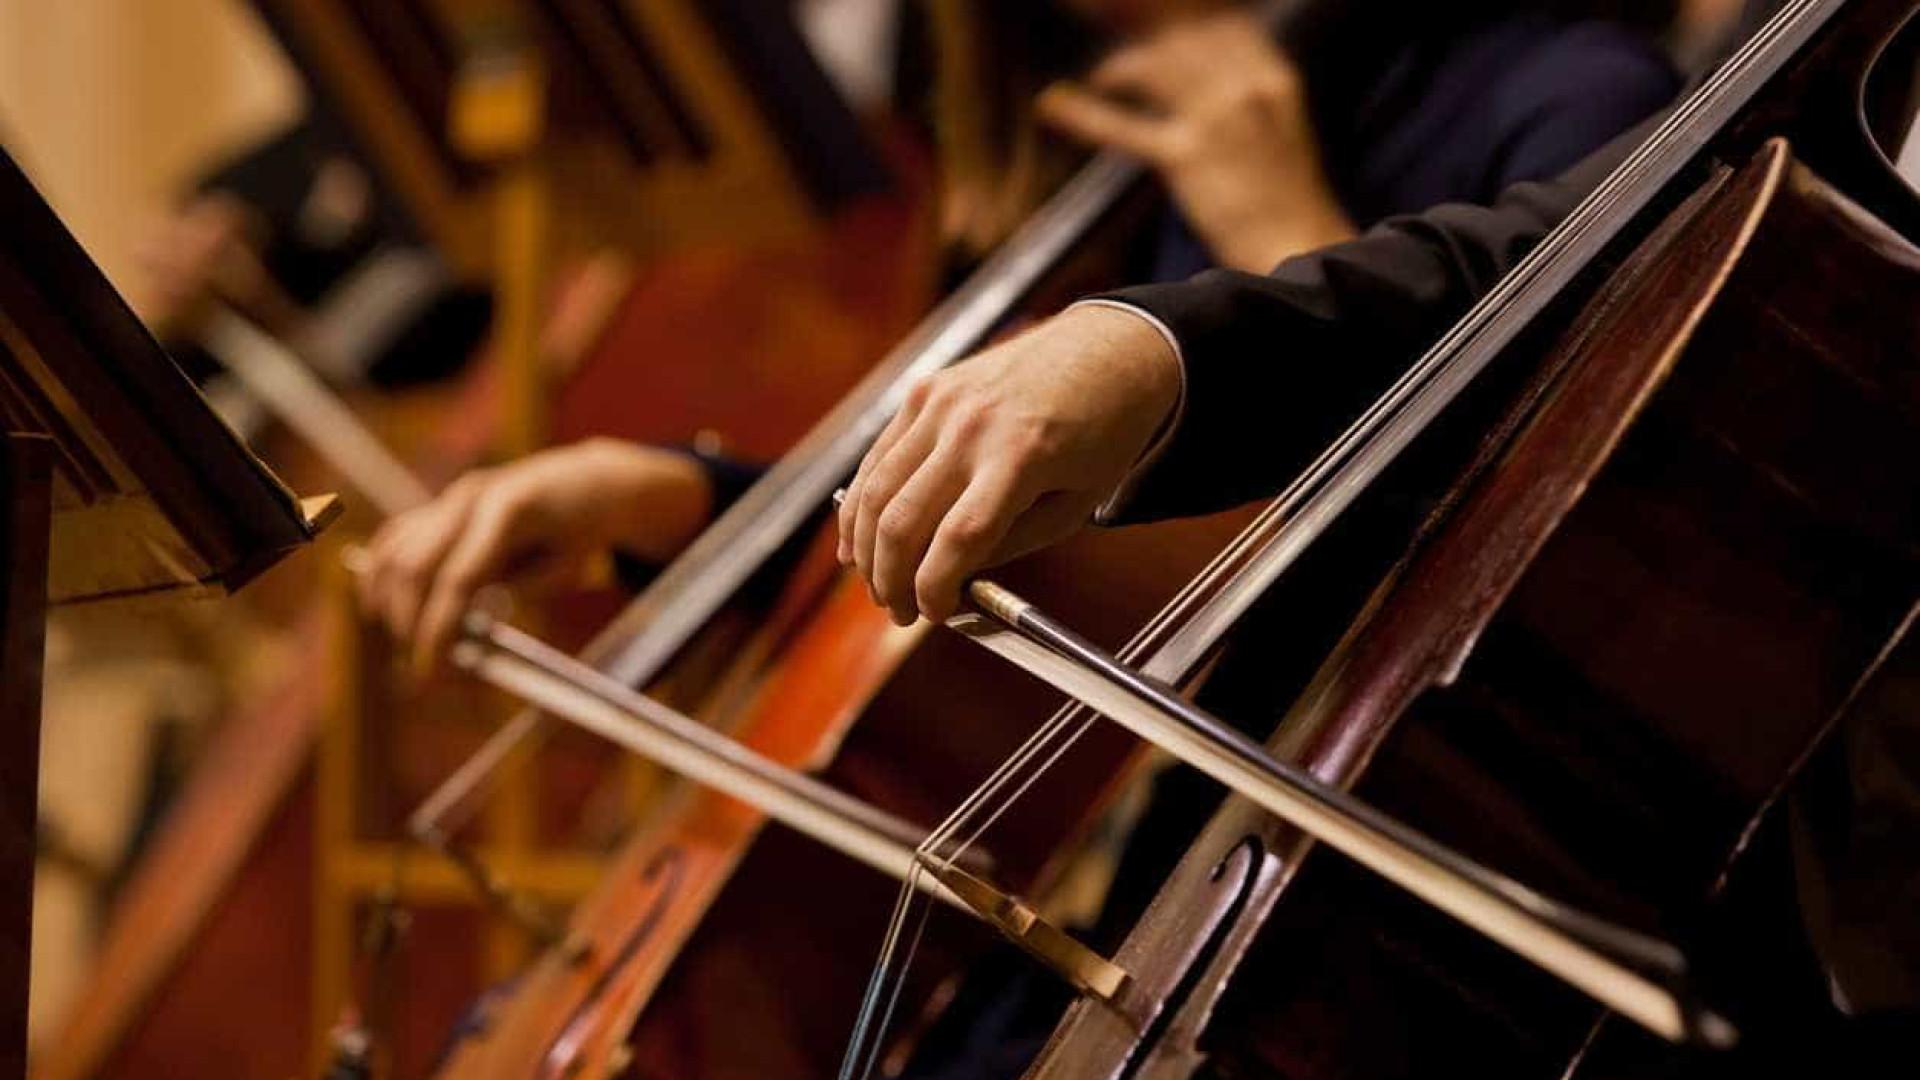 Film Symphony Orchestra estreia-se em Lisboa em maio